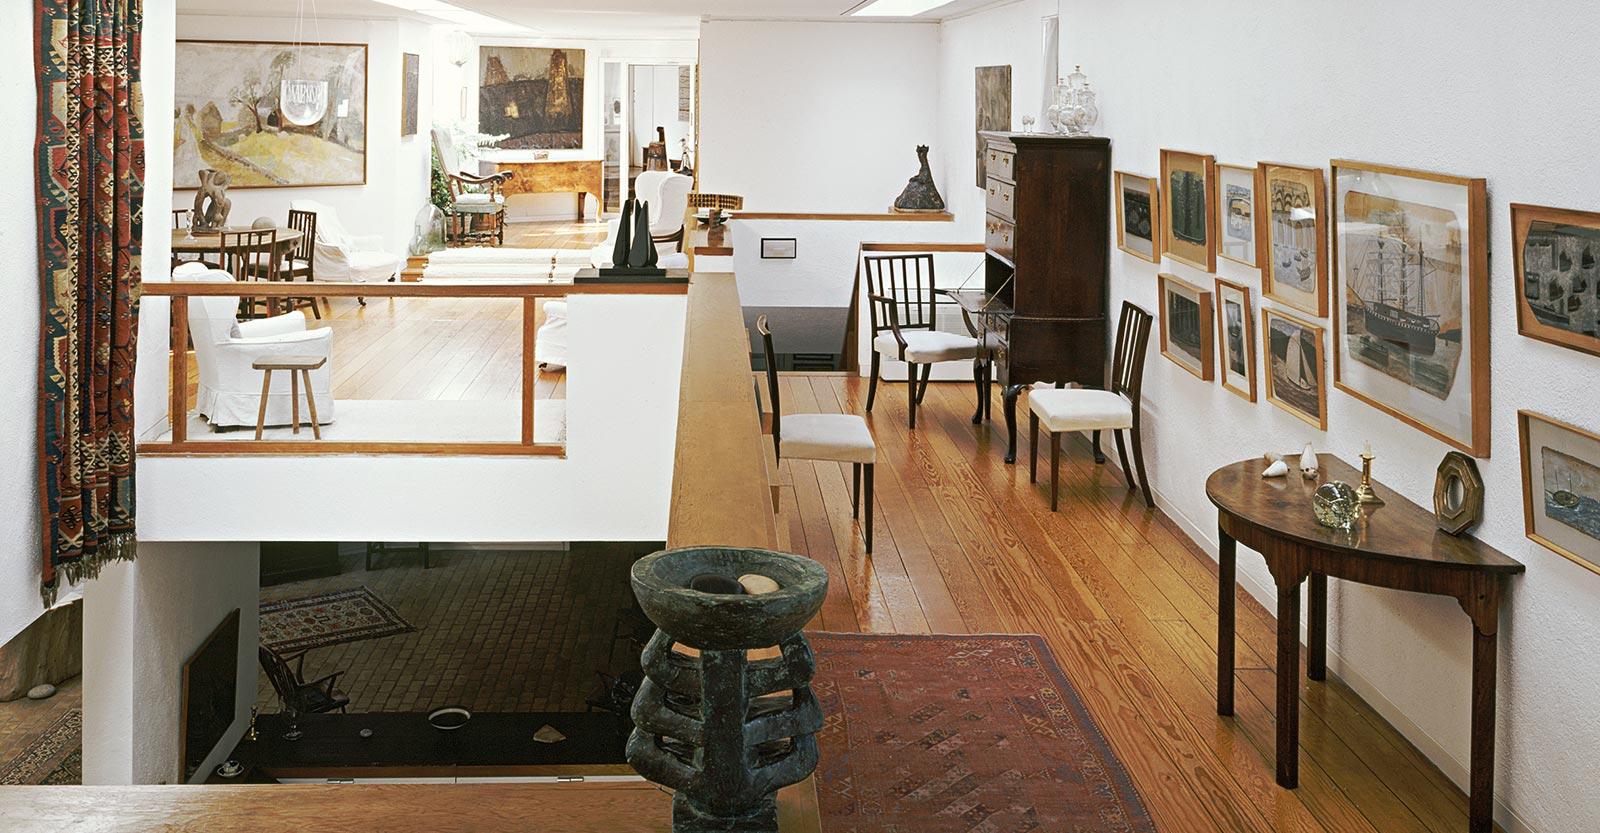 Kettle's Yard Gallery